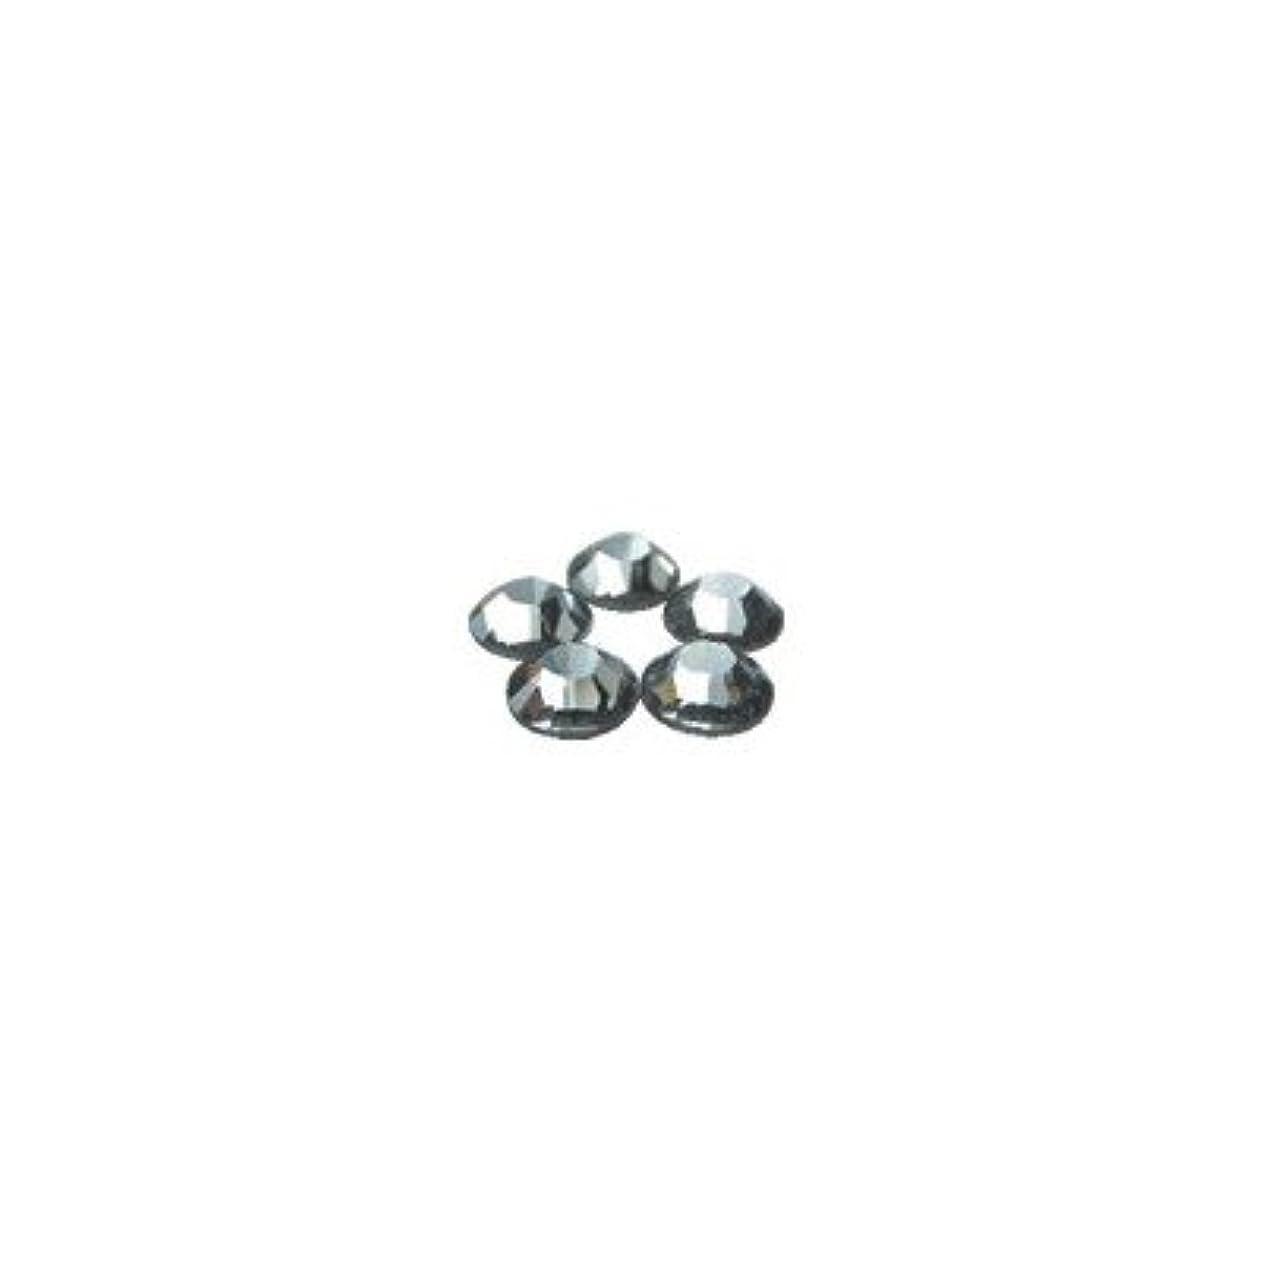 別れるつかの間運賃スワロフスキー?エレメント(SWAROVSKI) ss20 48個入 ブラックダイヤモンド